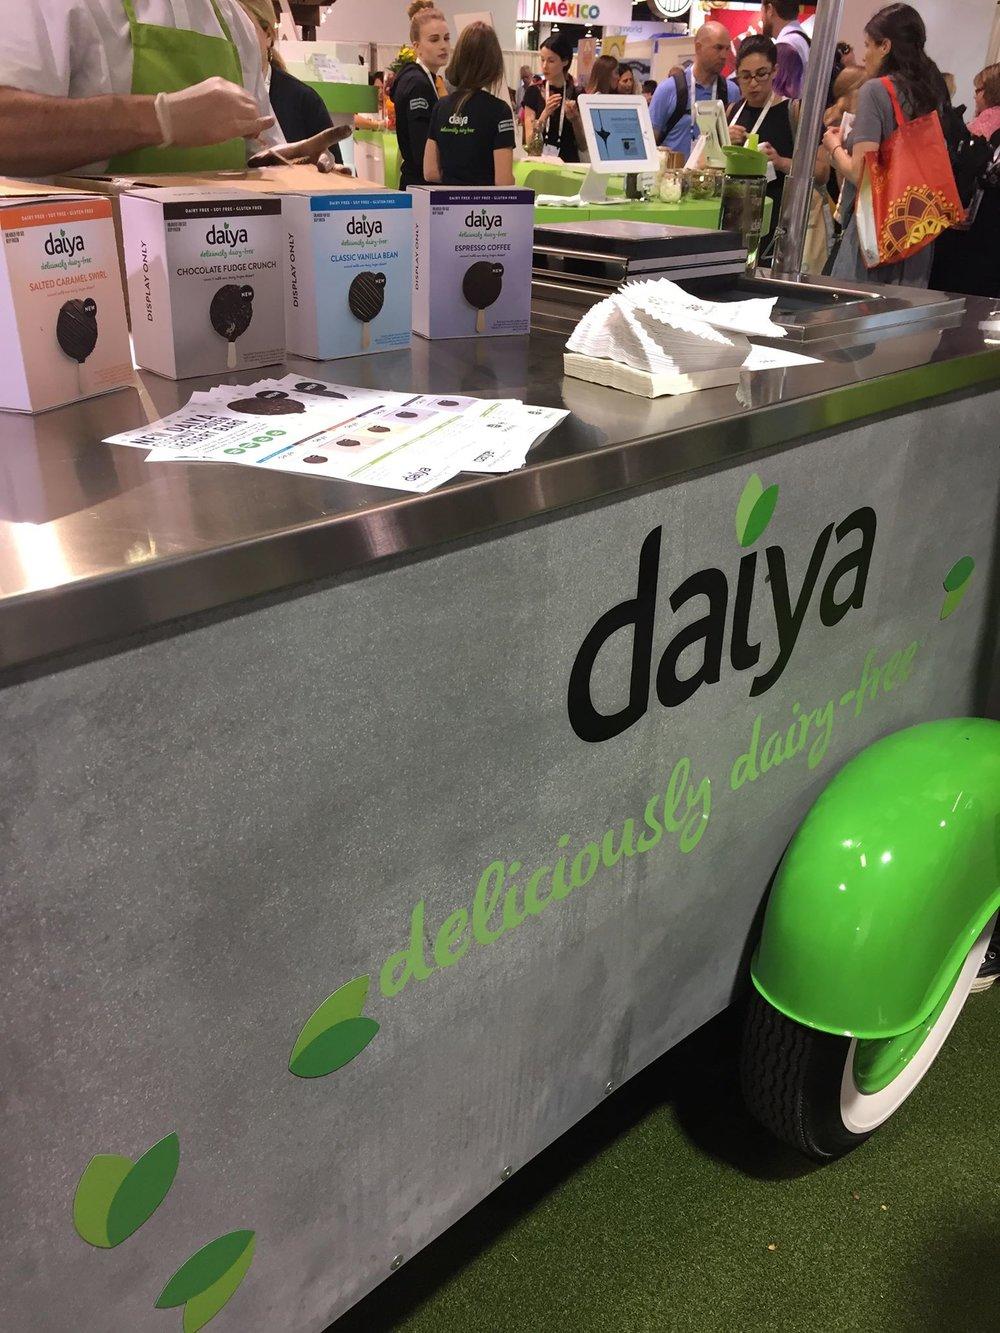 Dalya Vegan Products